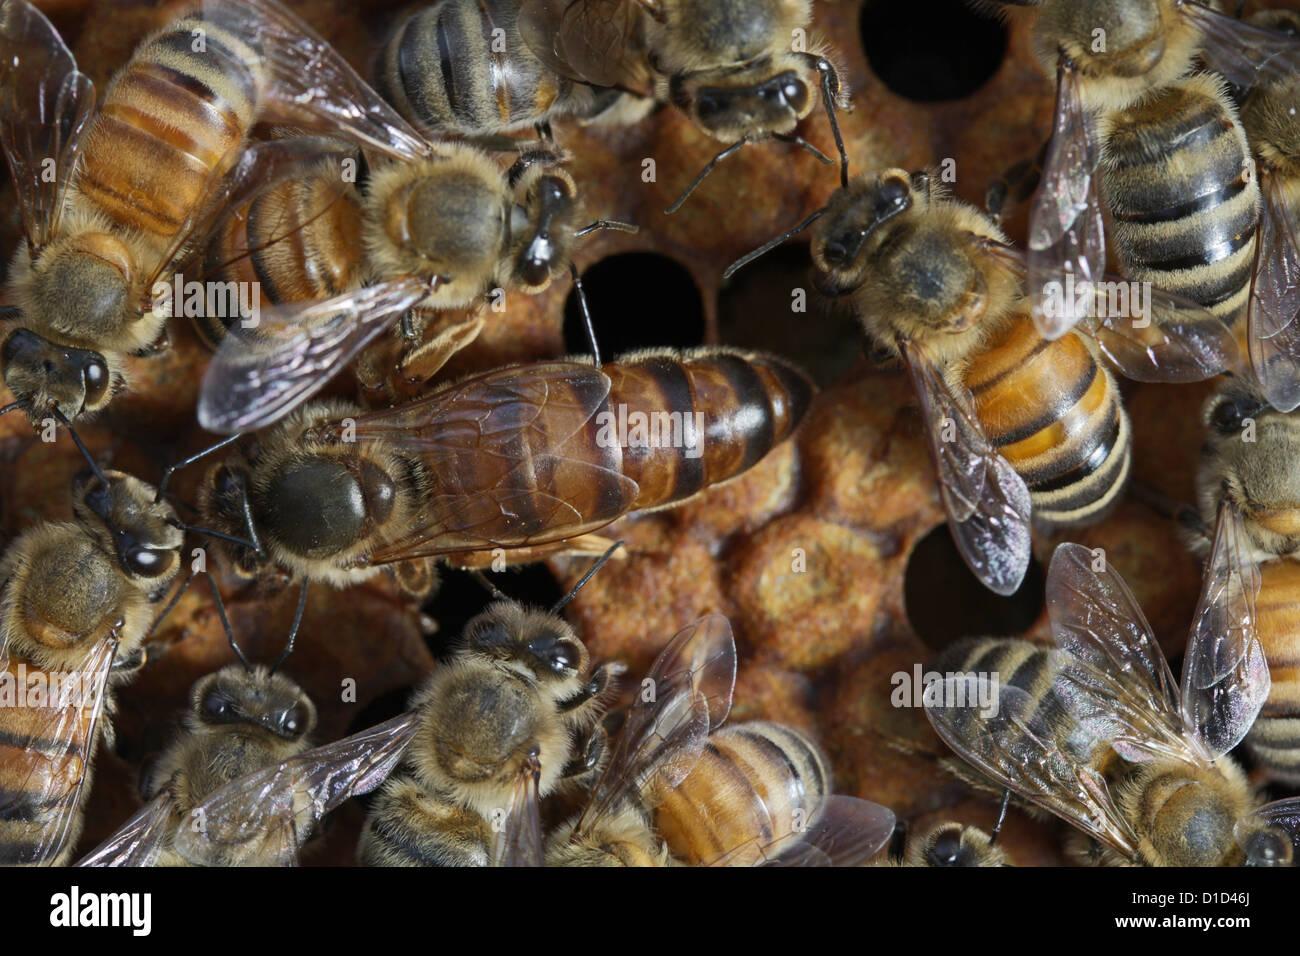 Queen honeybee with workers - Stock Image